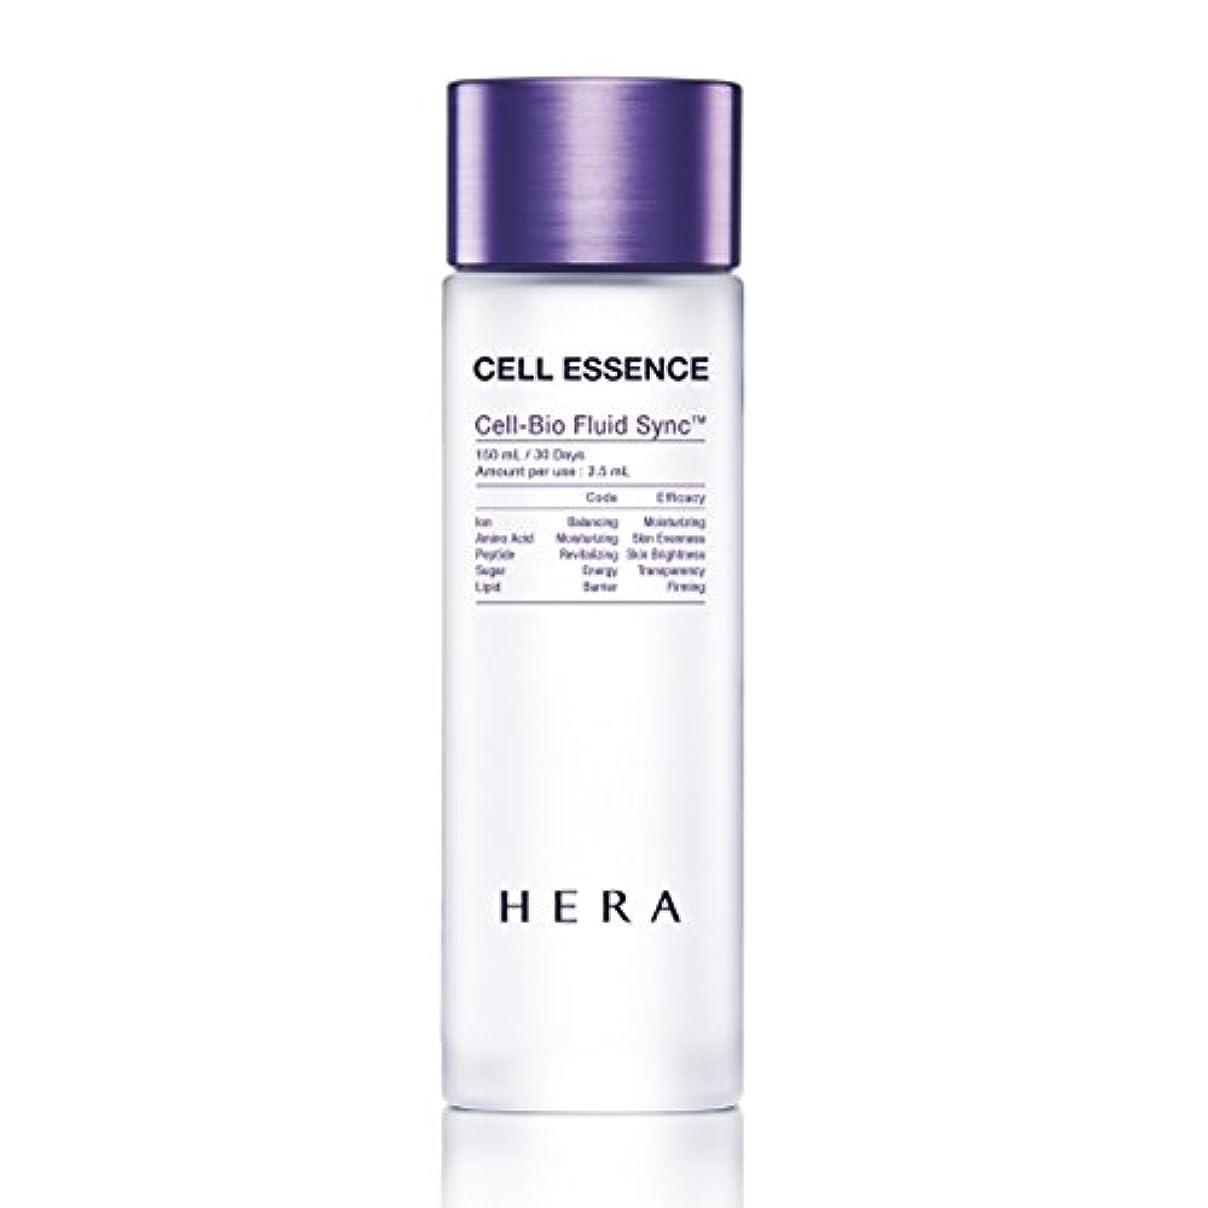 使役イライラする見積り[ヘラ/HERA]HERA CELL ESSENCE/ヘラ セル エッセンス 150ml【美容液】(海外直送品)